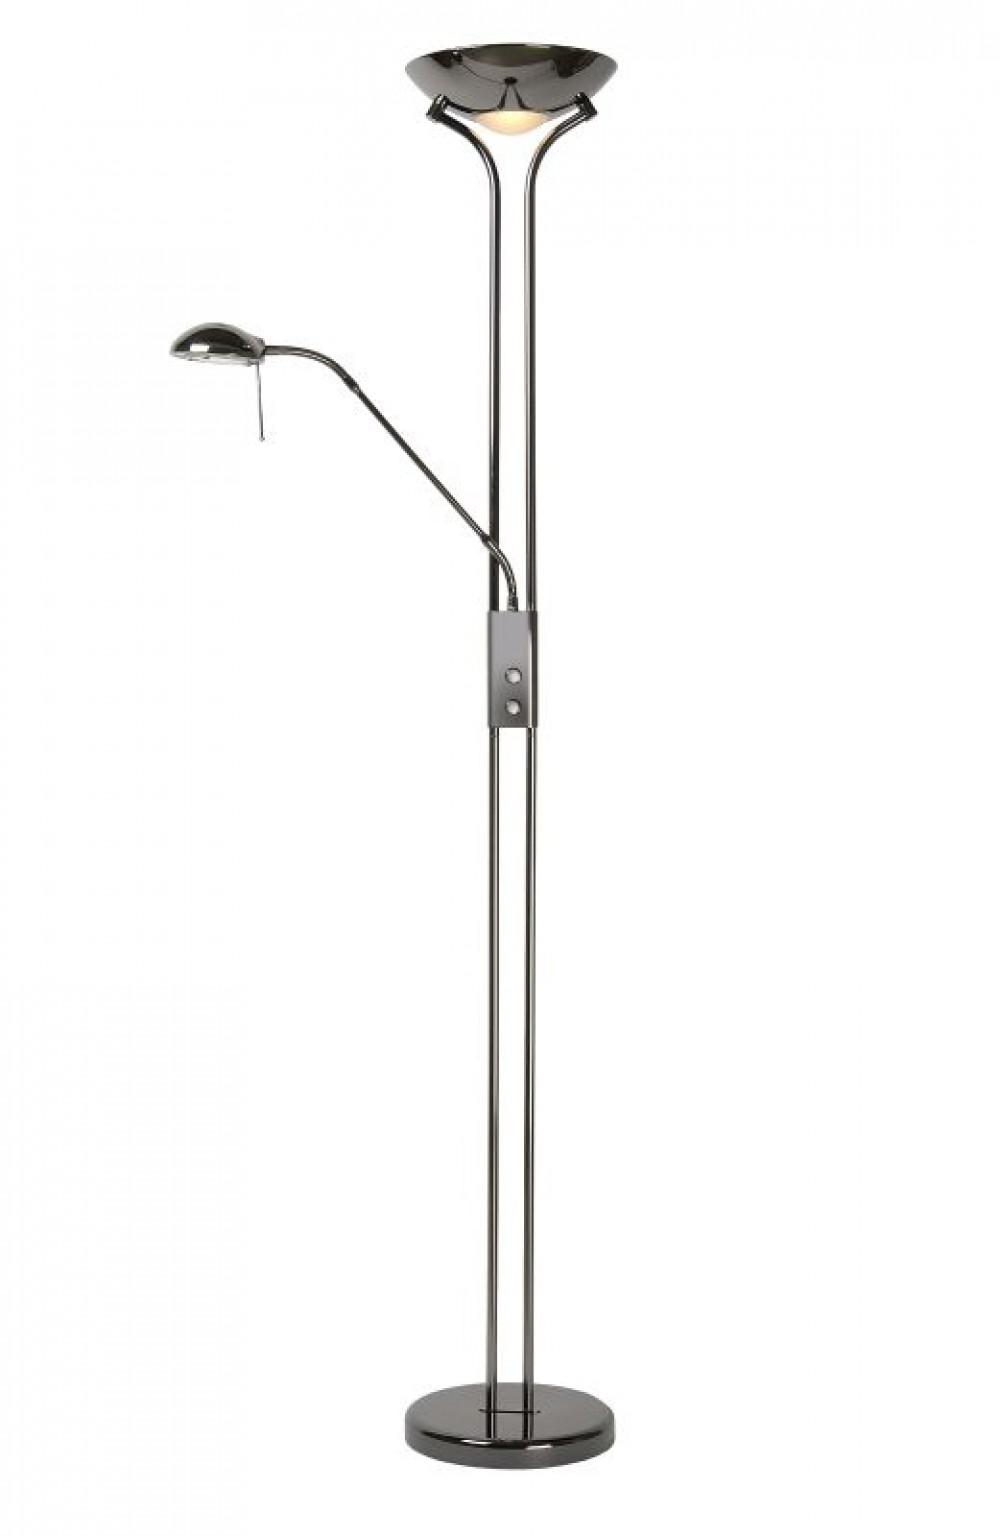 Stehlampe Stehleuchte Schwarz Chrom Hohe 180cm